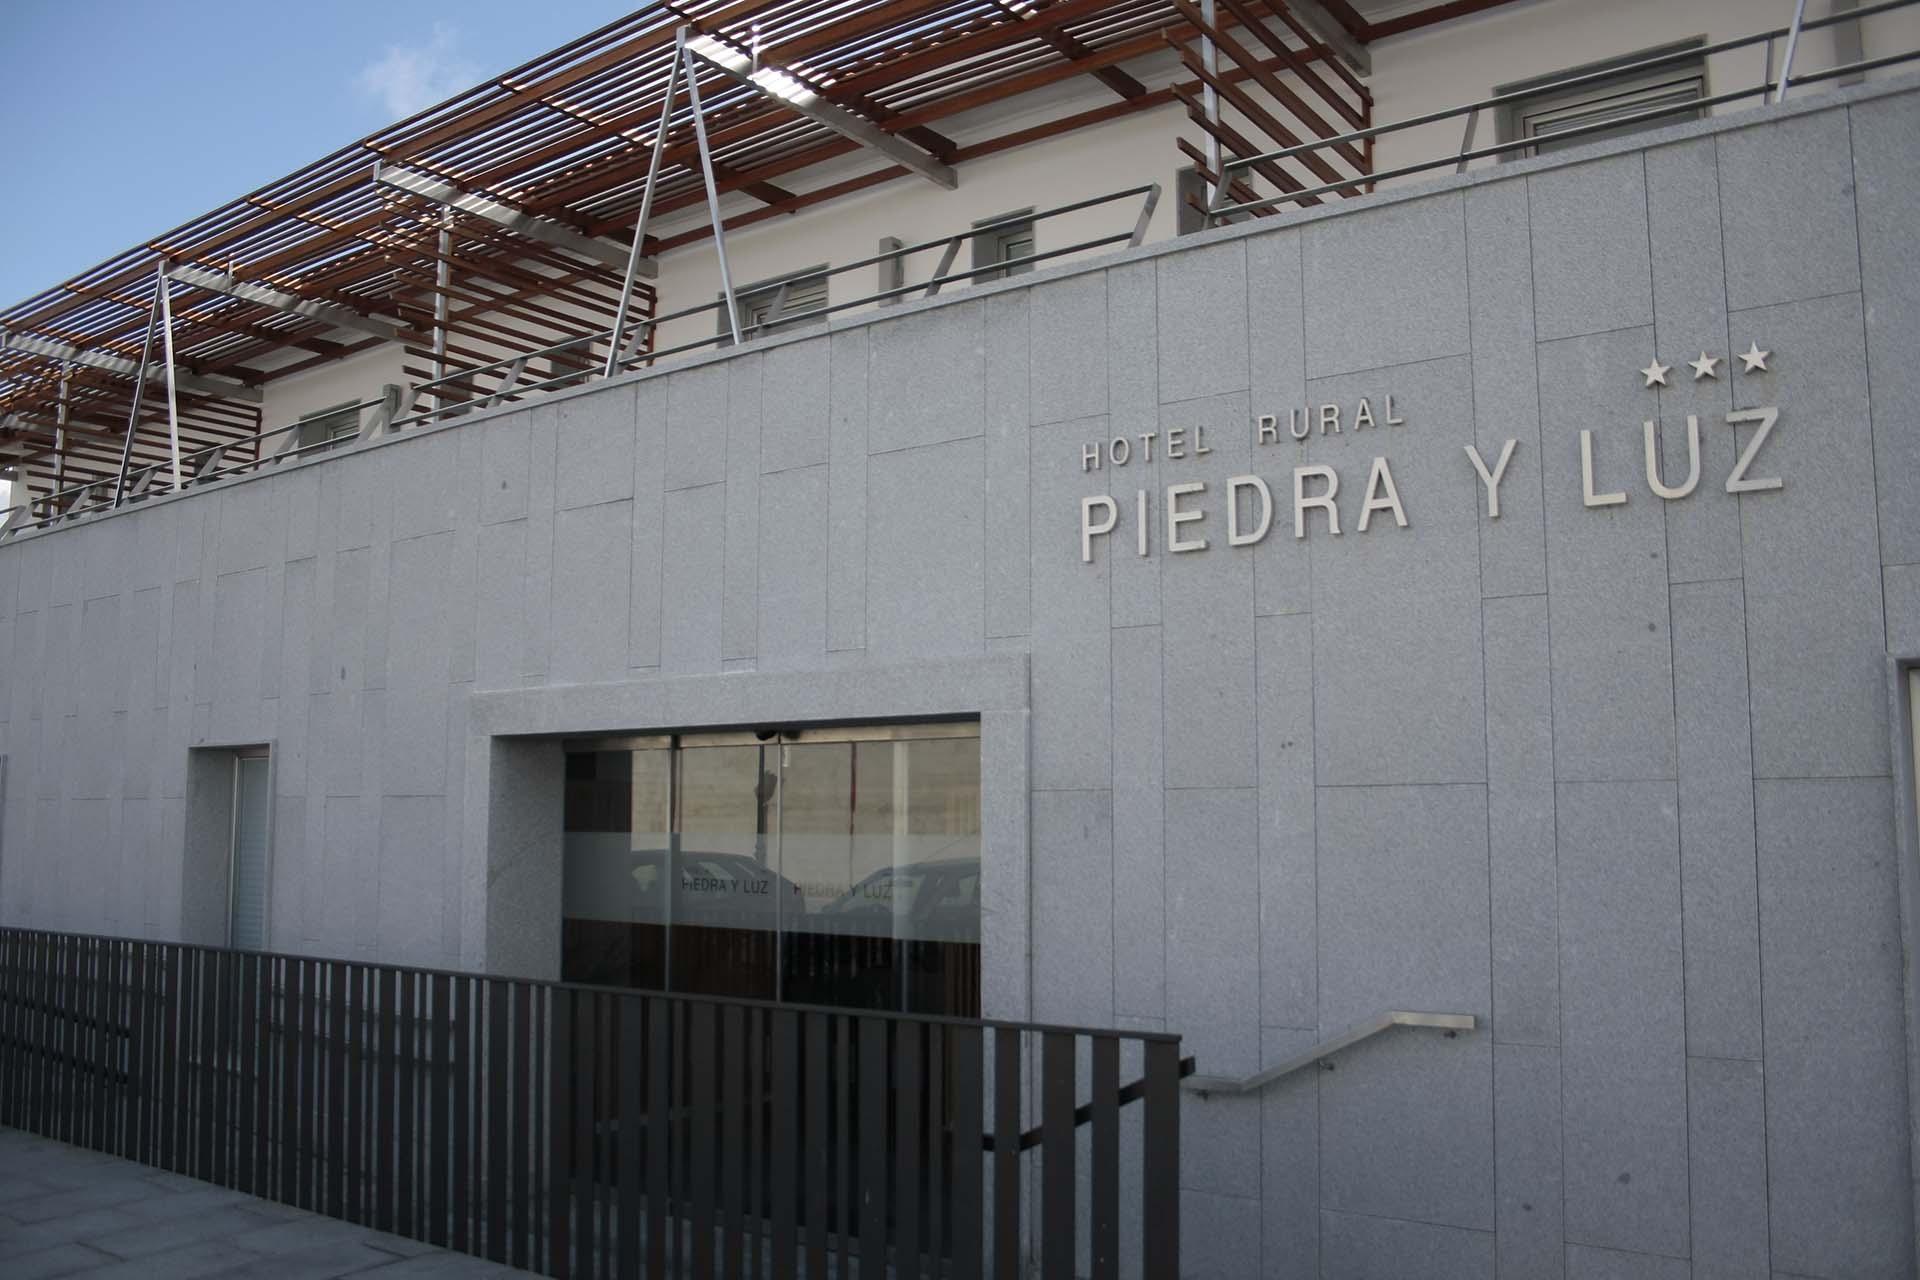 HOTEL RURAL PIEDRA Y LUZ Hinojosa del Duque